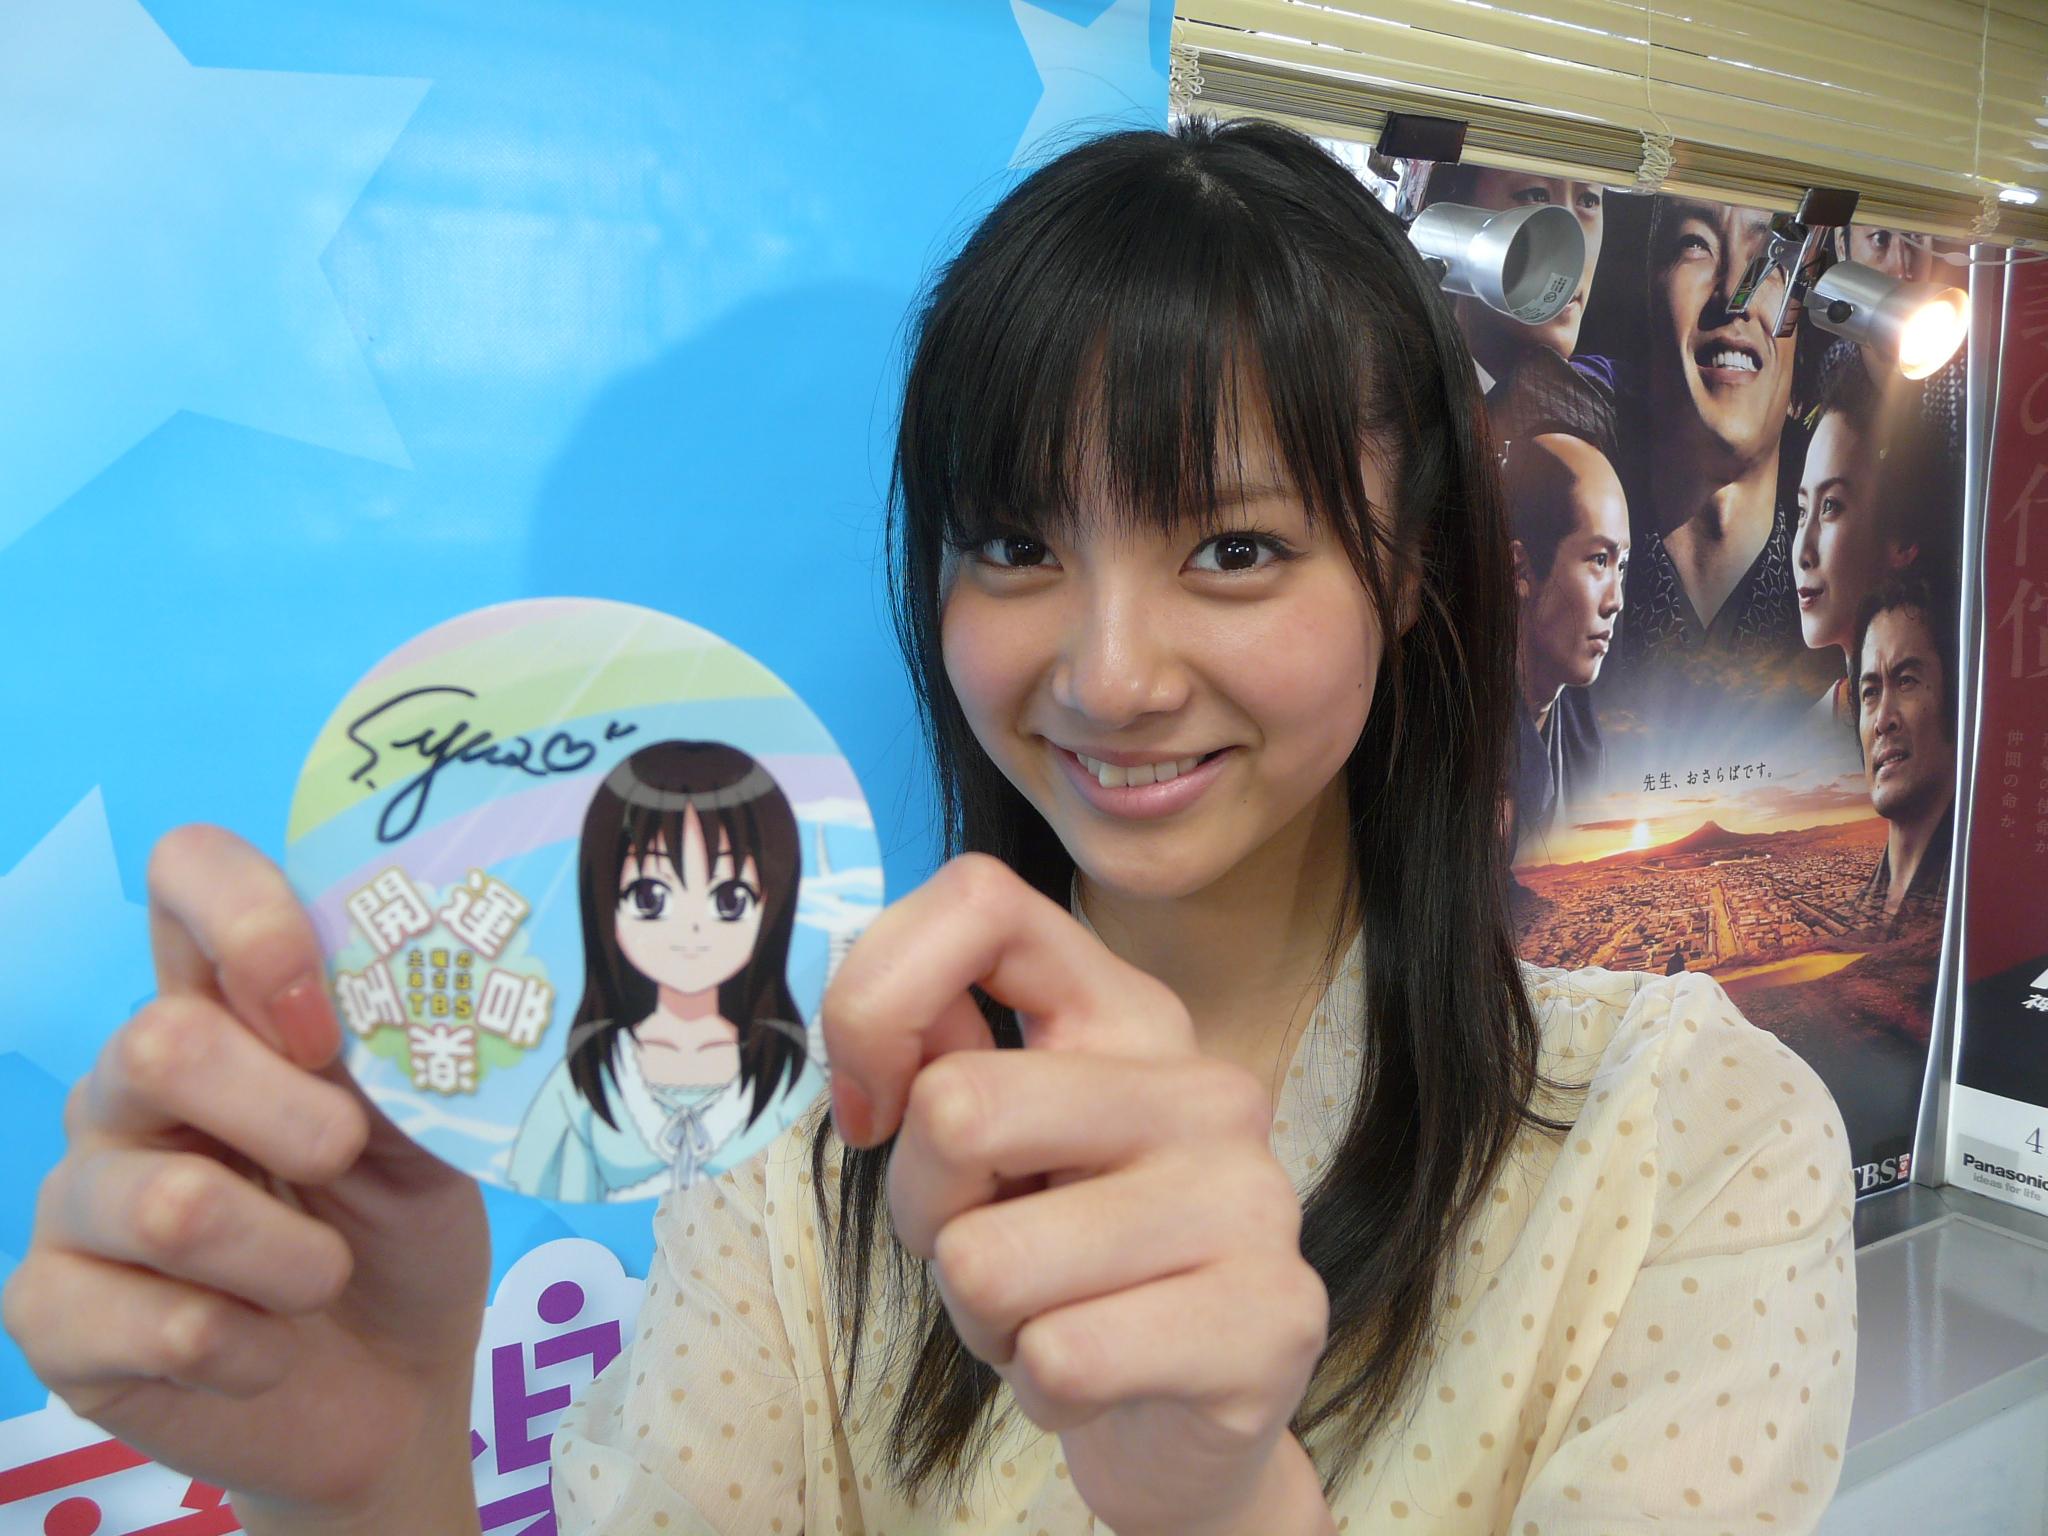 10gp 新川優愛風ステッカー 4月24日イベントでプレゼント 11th